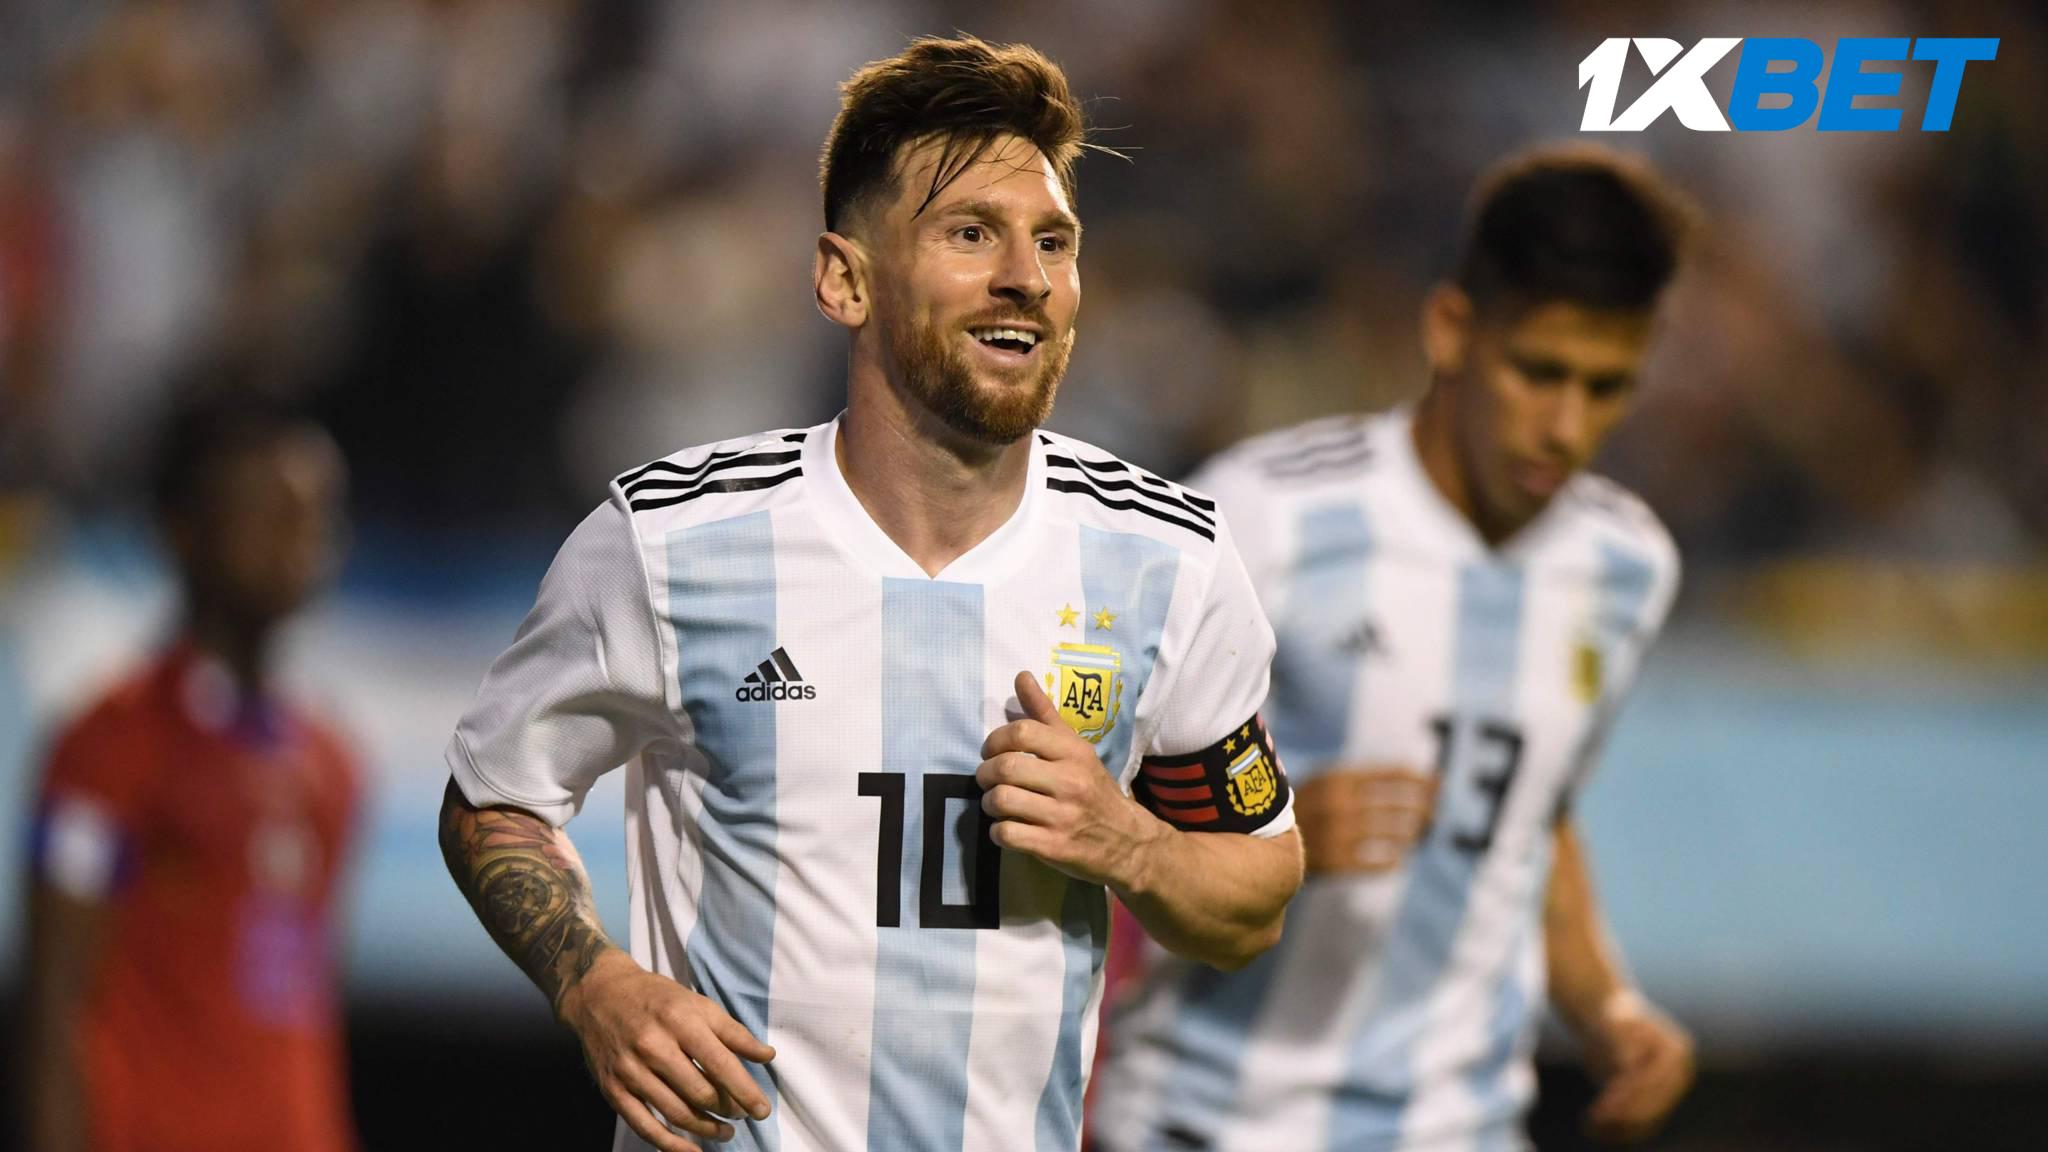 Reseña de 1xBet Argentina – casa de apuestas más avanzada de Argentina y otros países